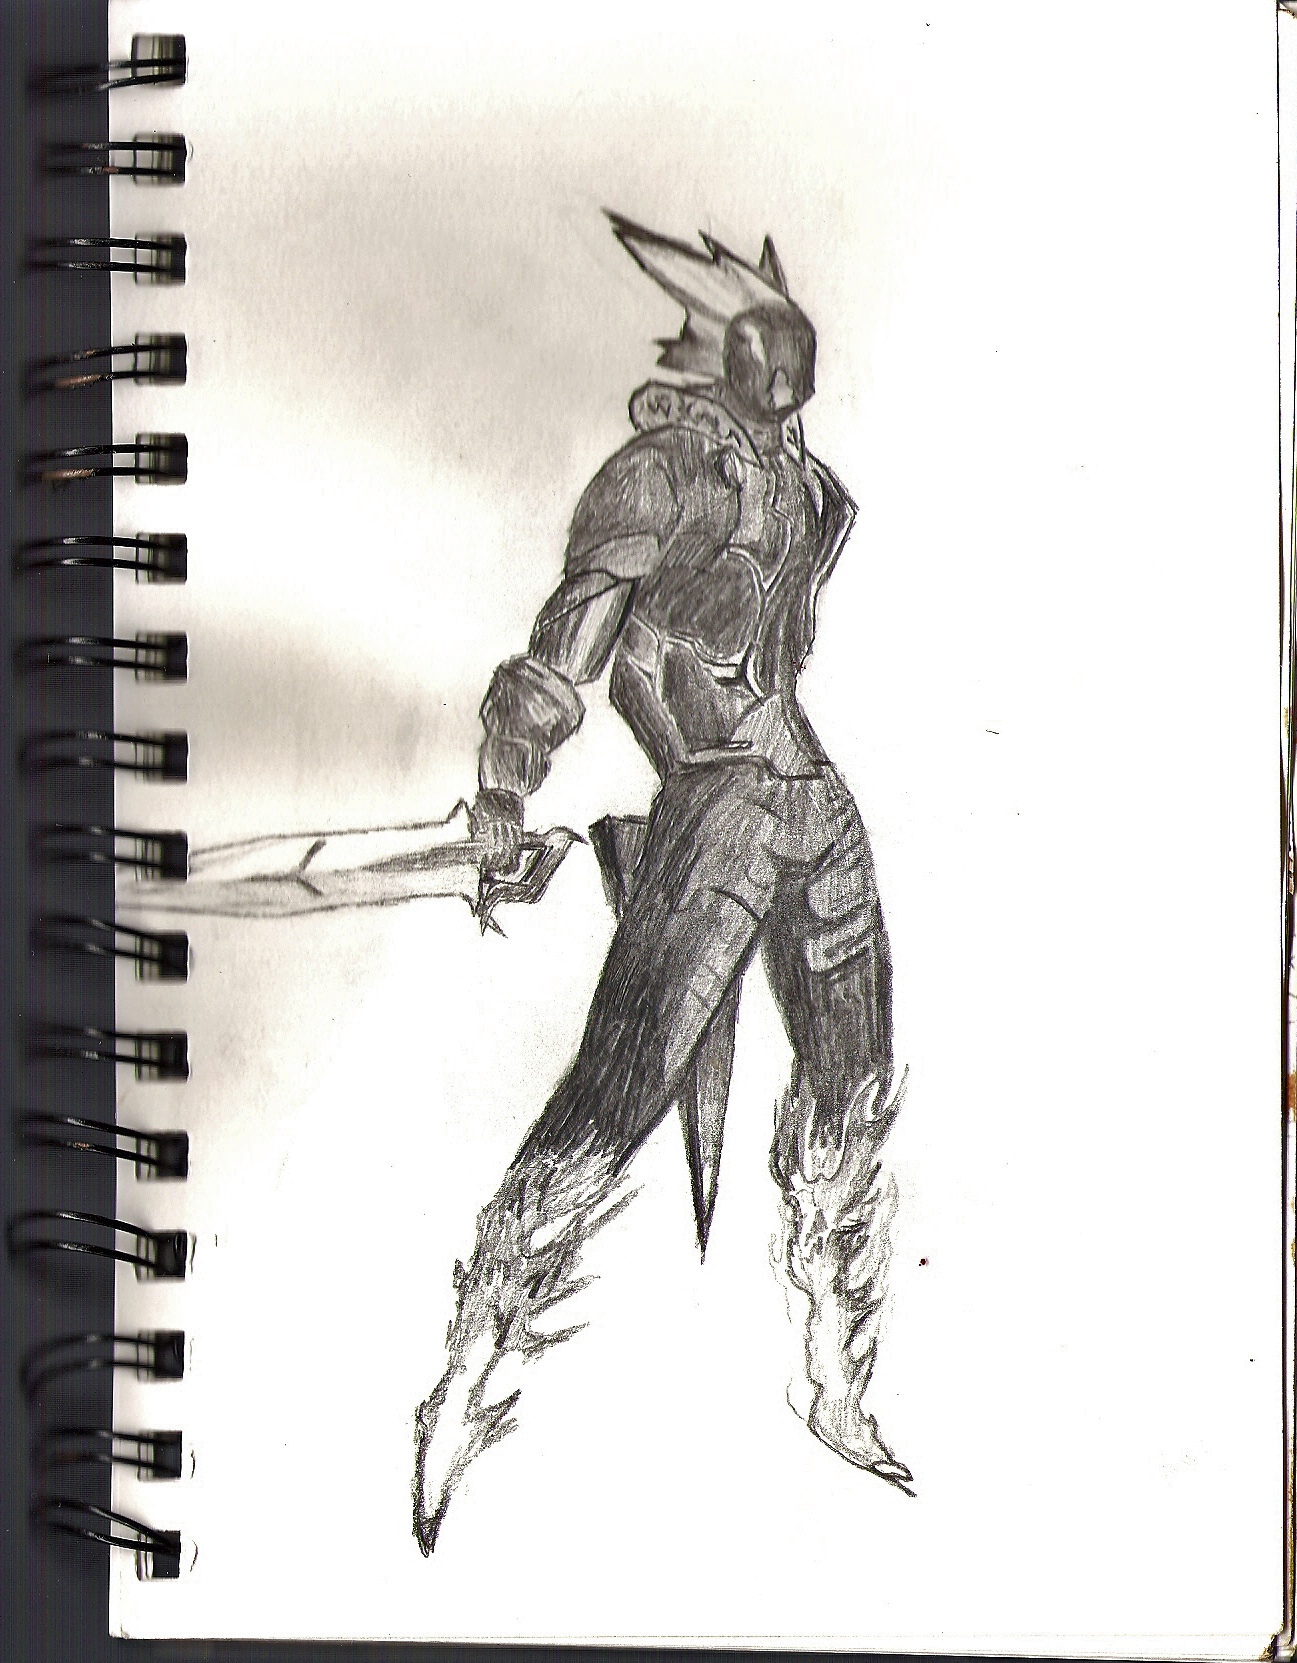 Sword Legion by archangel